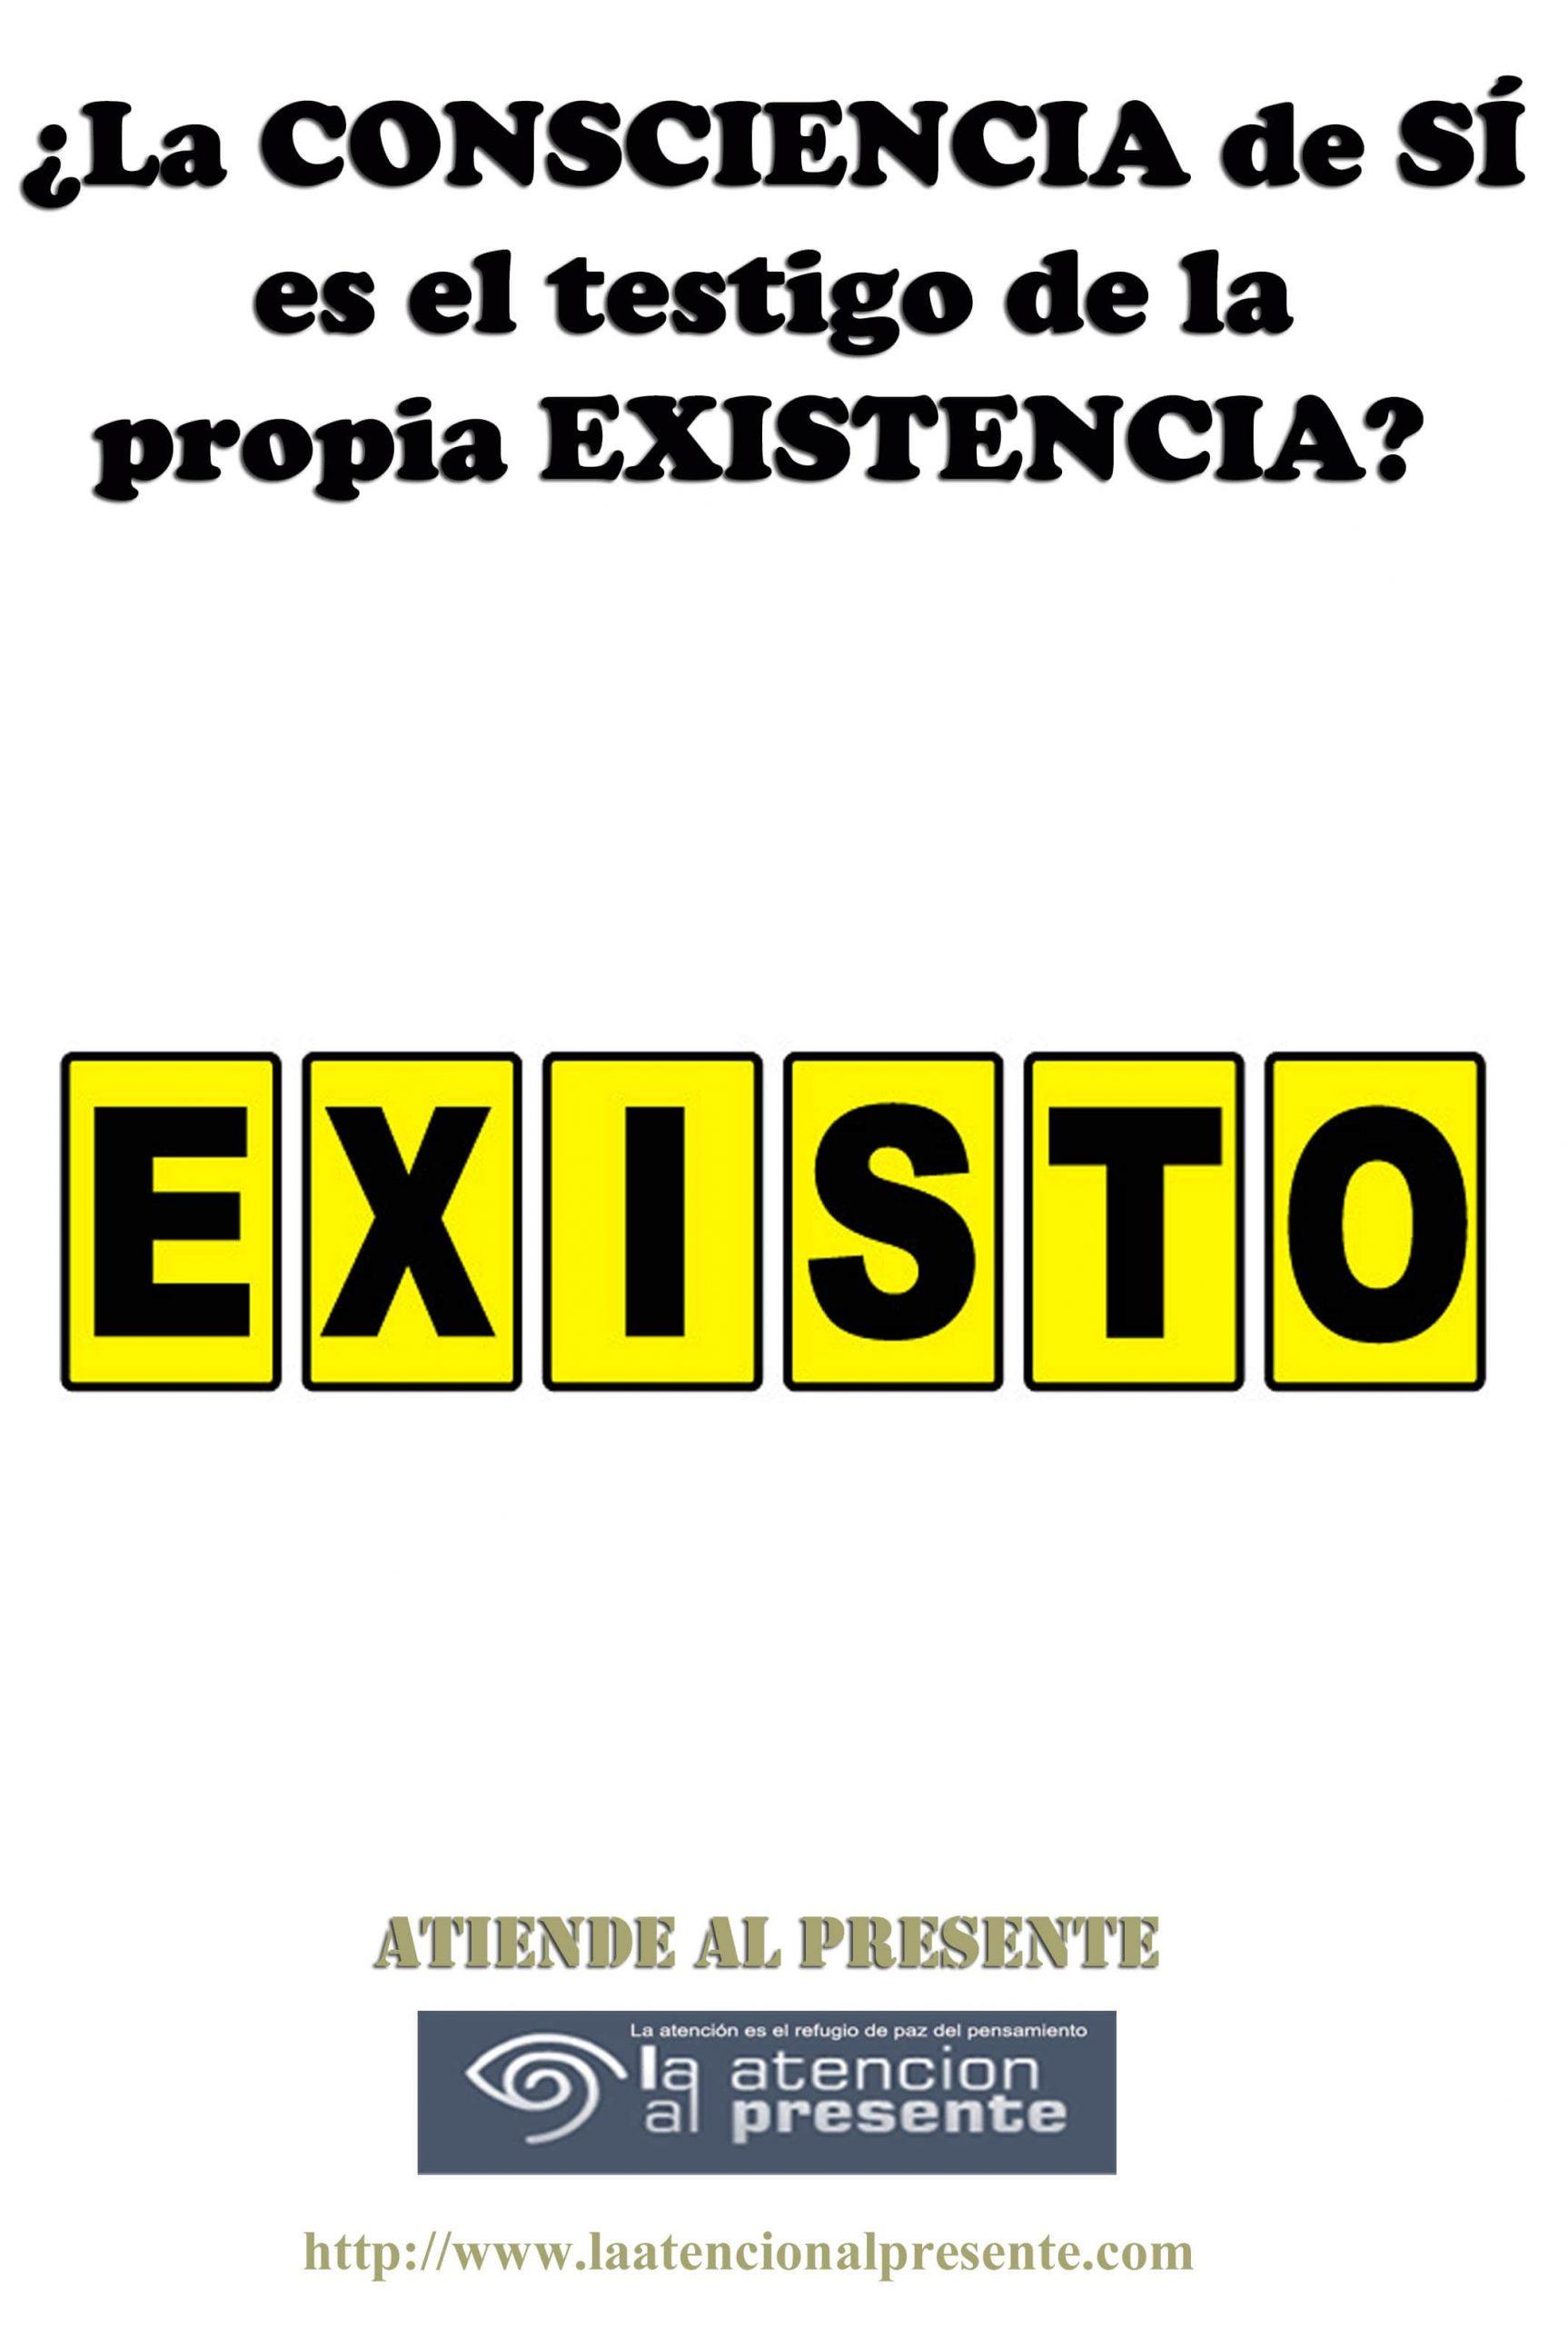 4 de abril Esteban La CONSCIENCIA de SI es el testigo de la propia EXISTENCIA min 1 scaled